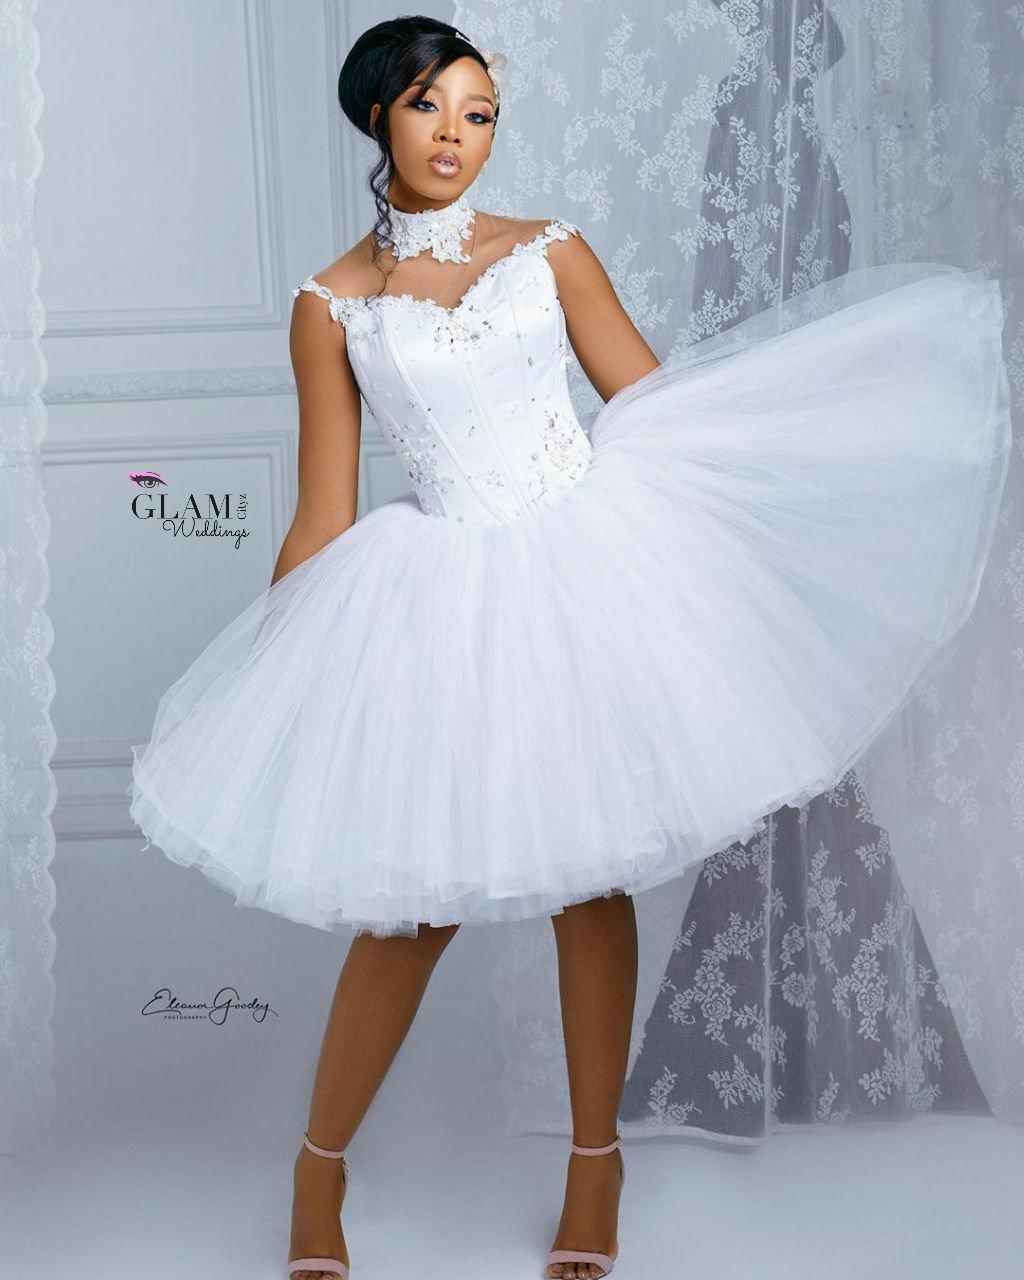 glamcityz 0audio bride 8990218603539791252.